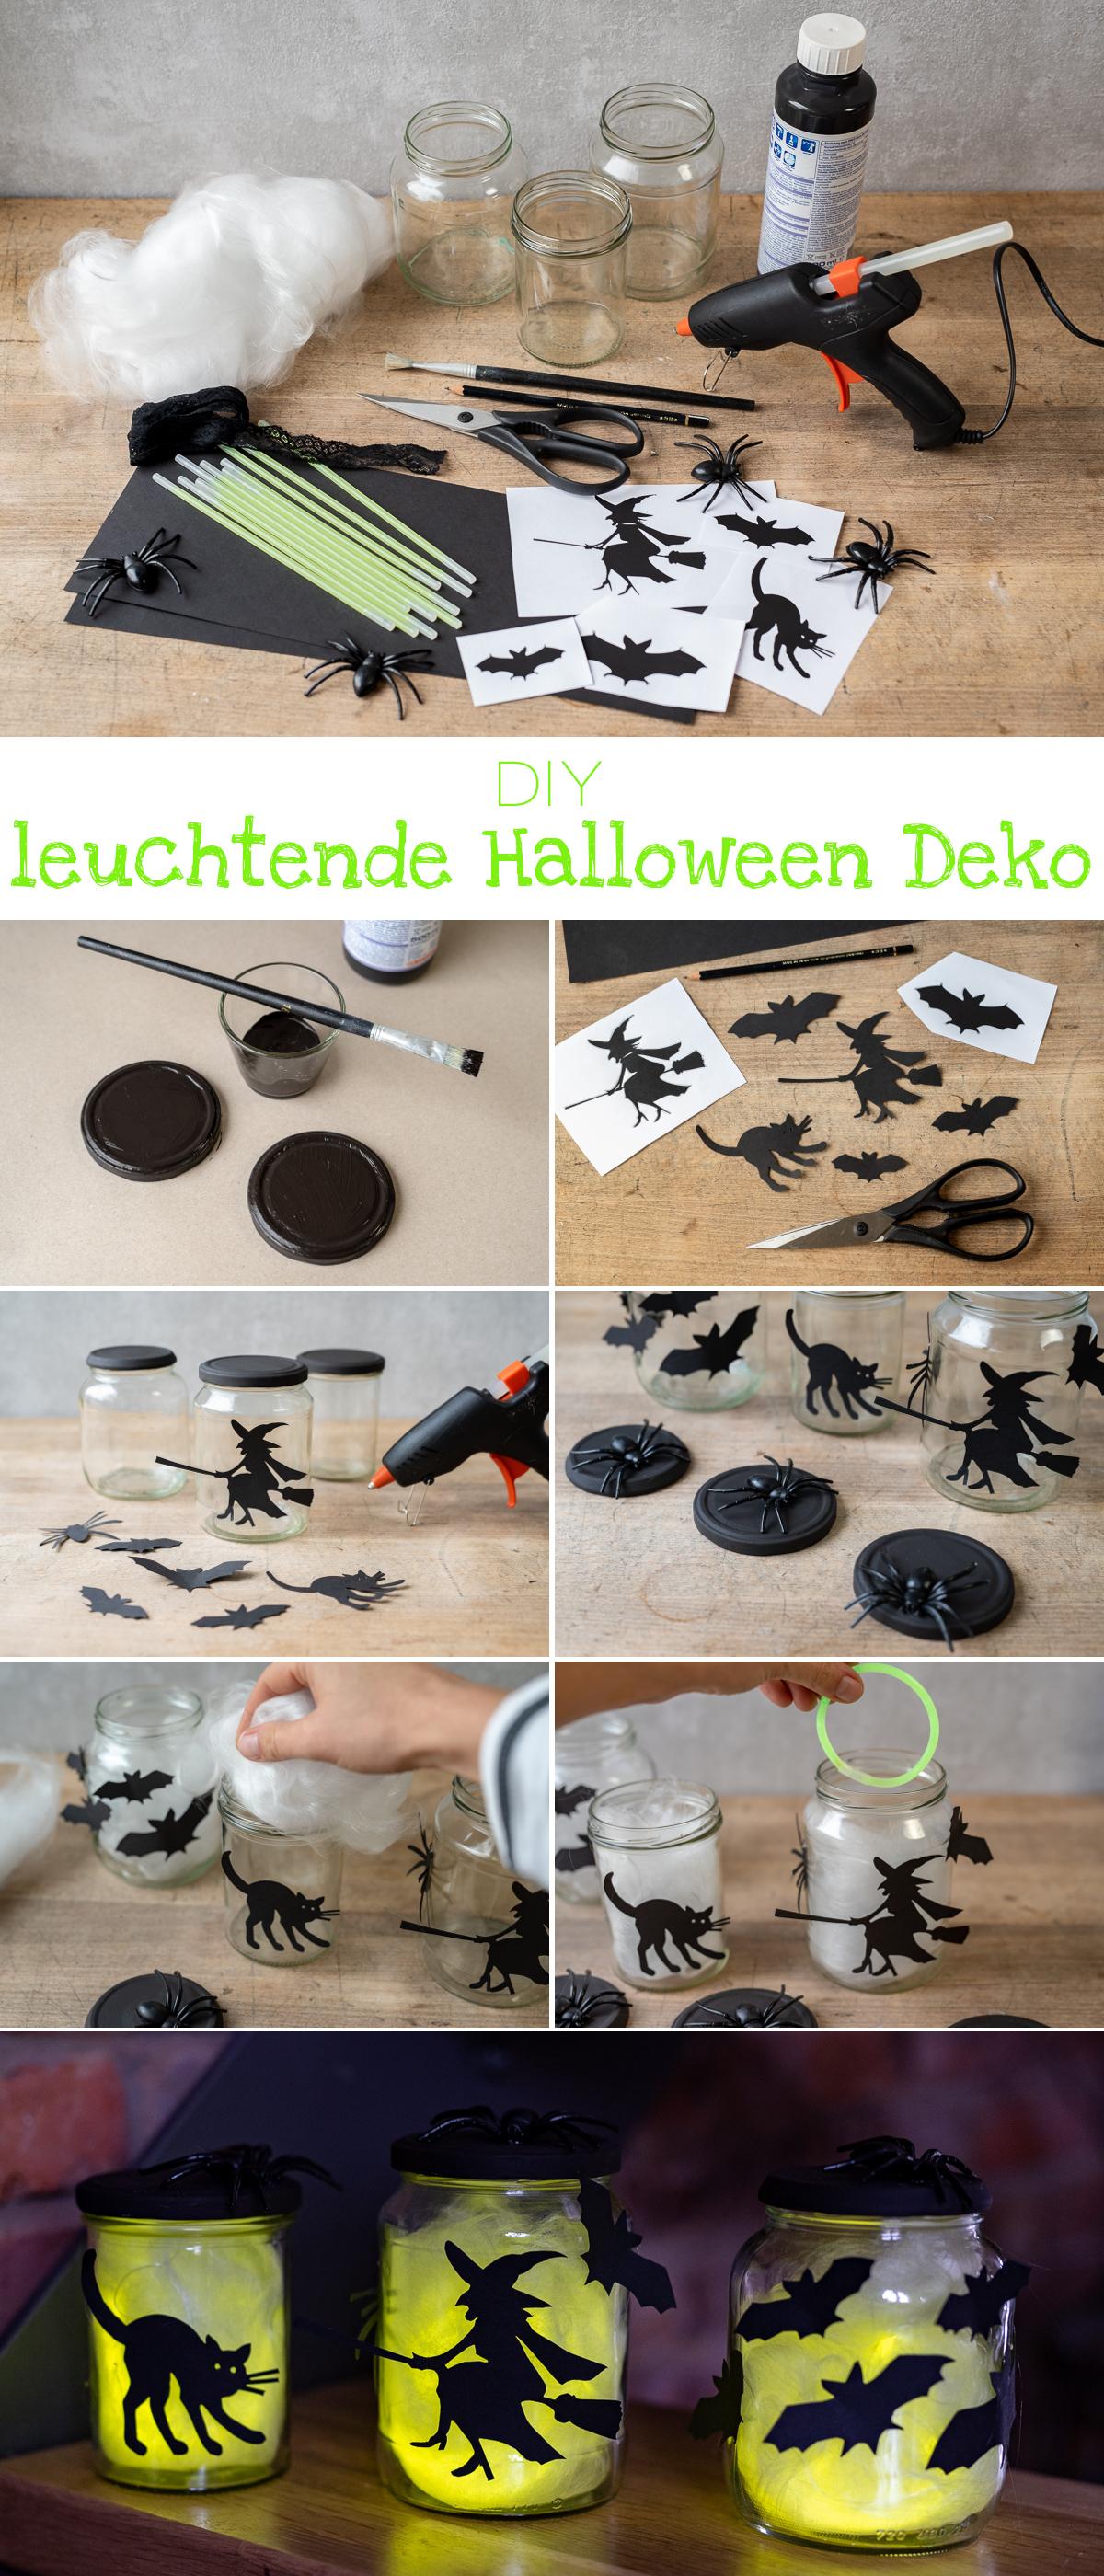 Diy Leuchtende Halloween Deko Glaser Leelah Loves